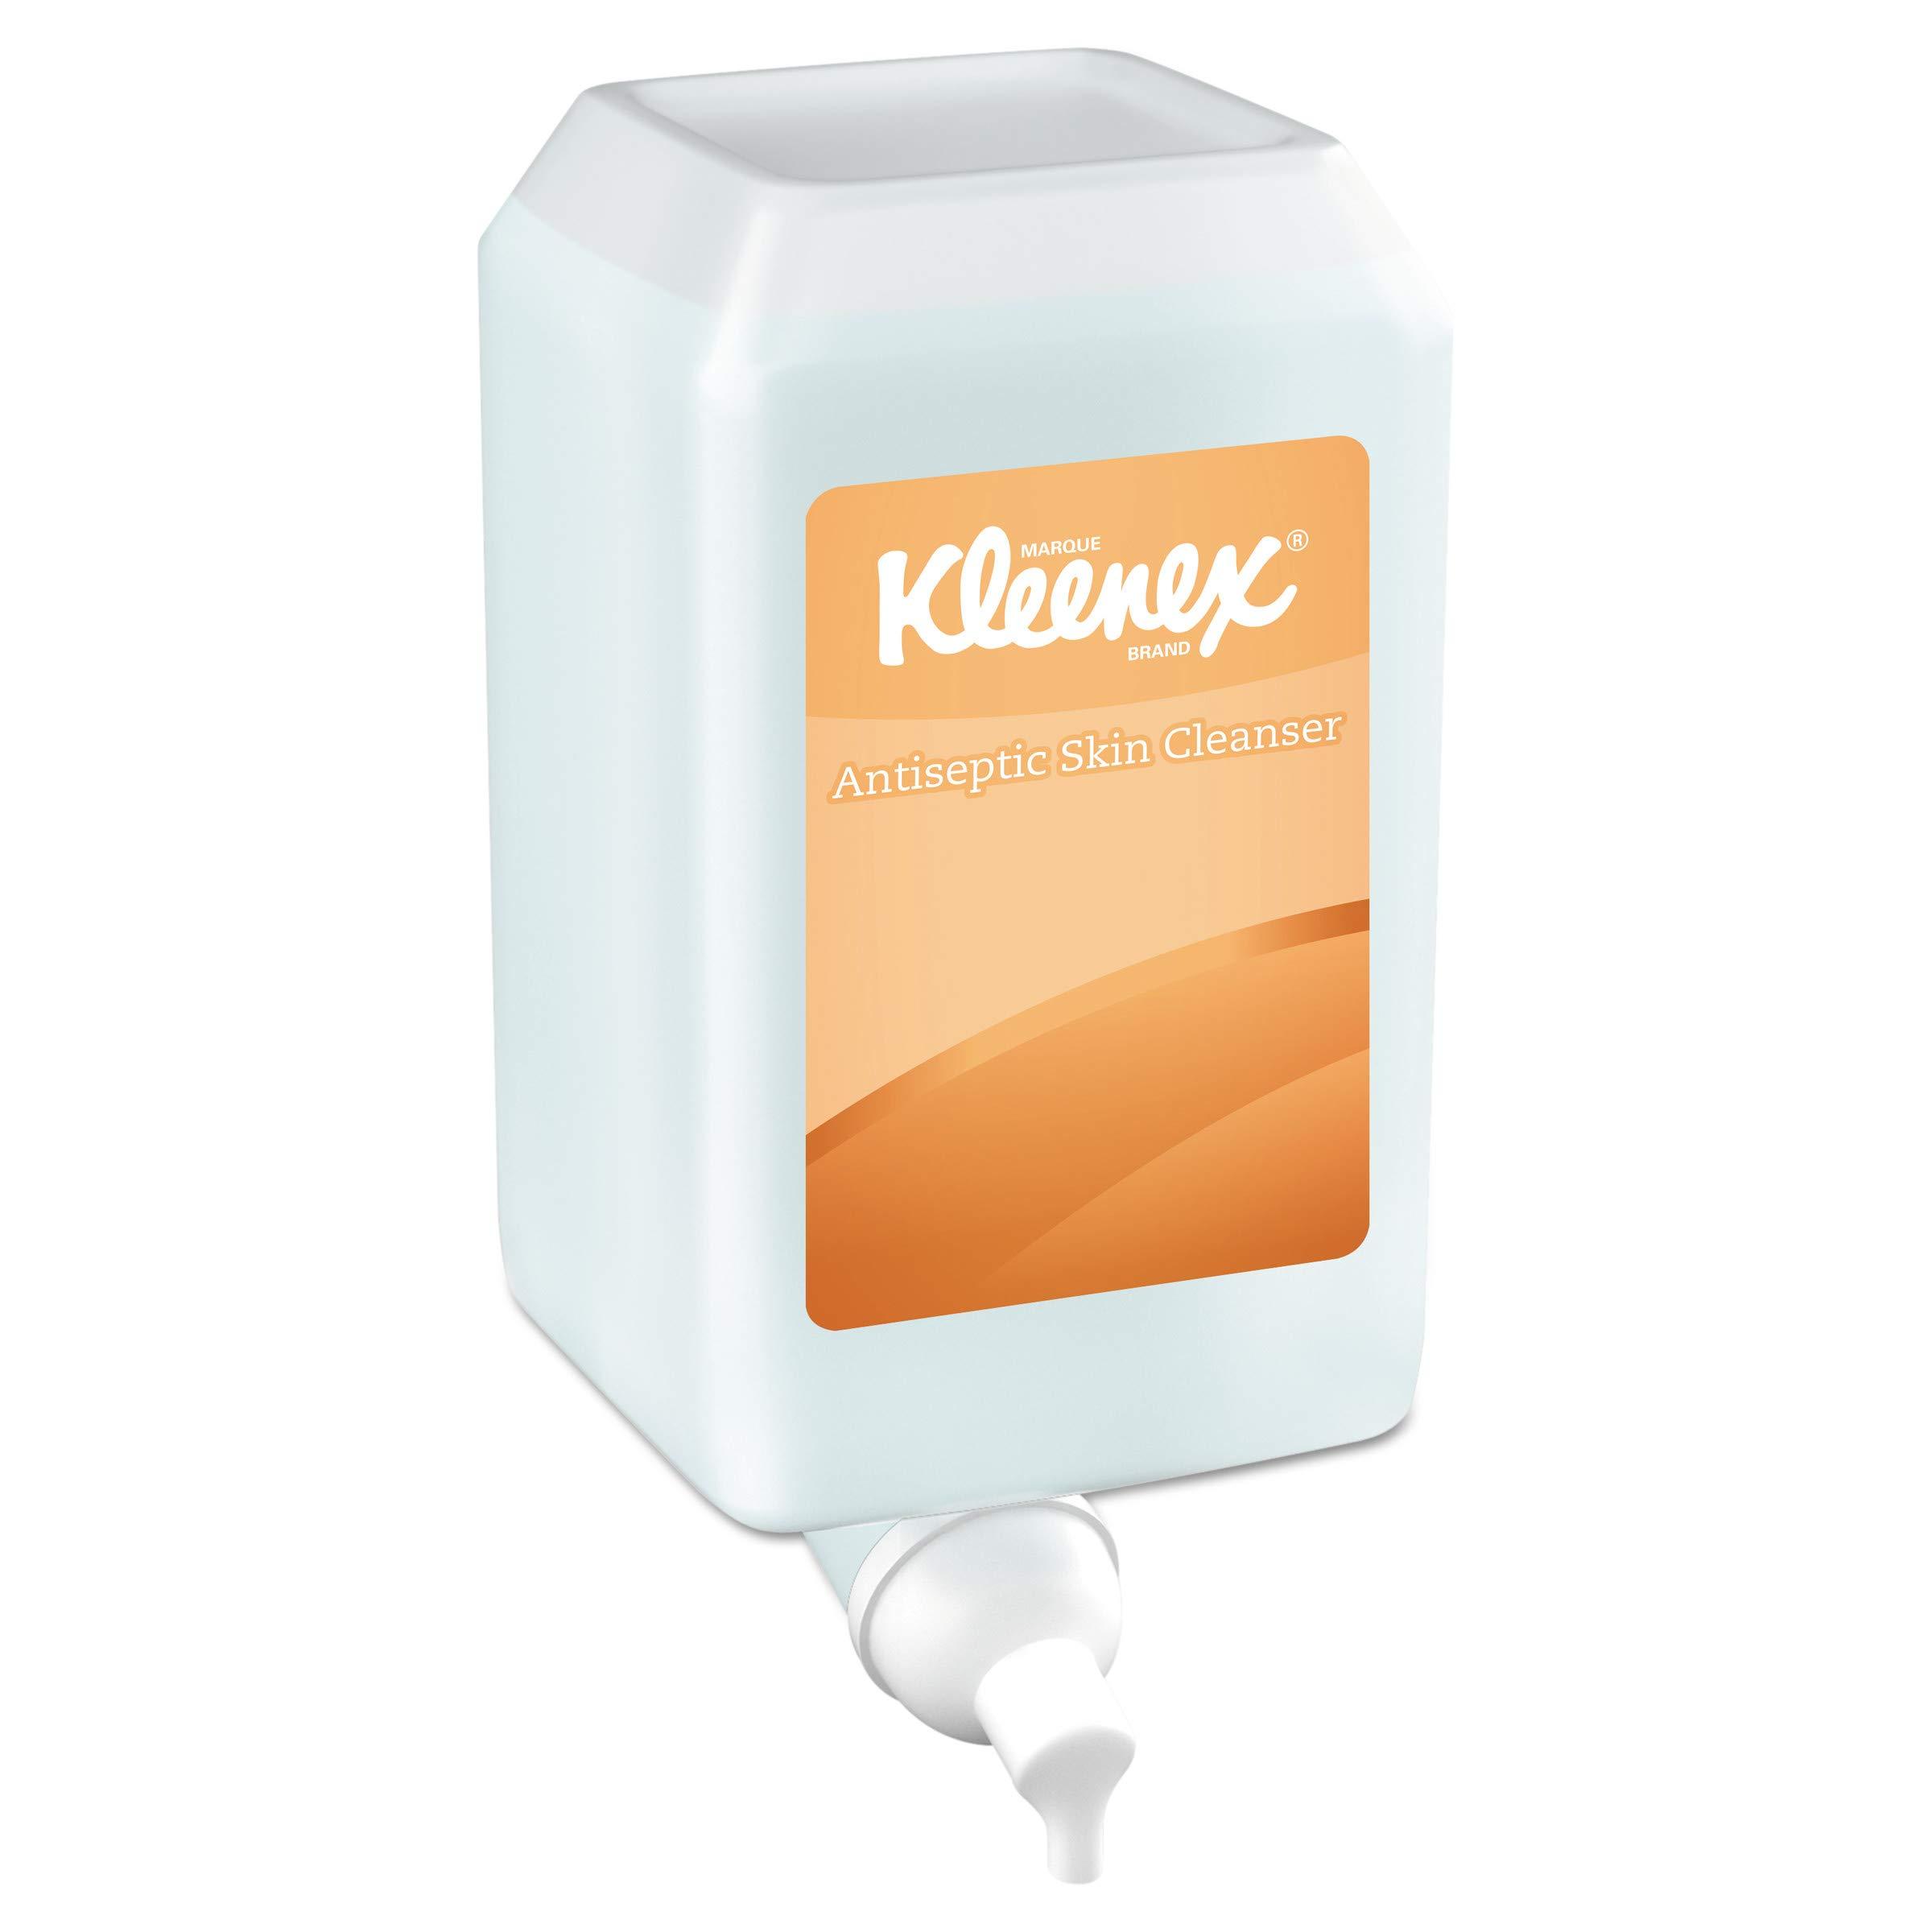 Kleenex 91555 E-2 Foam Skin Cleanser w/Moisturizers, Unscented, 1000 mL Refill (Case of 6) by Kleenex